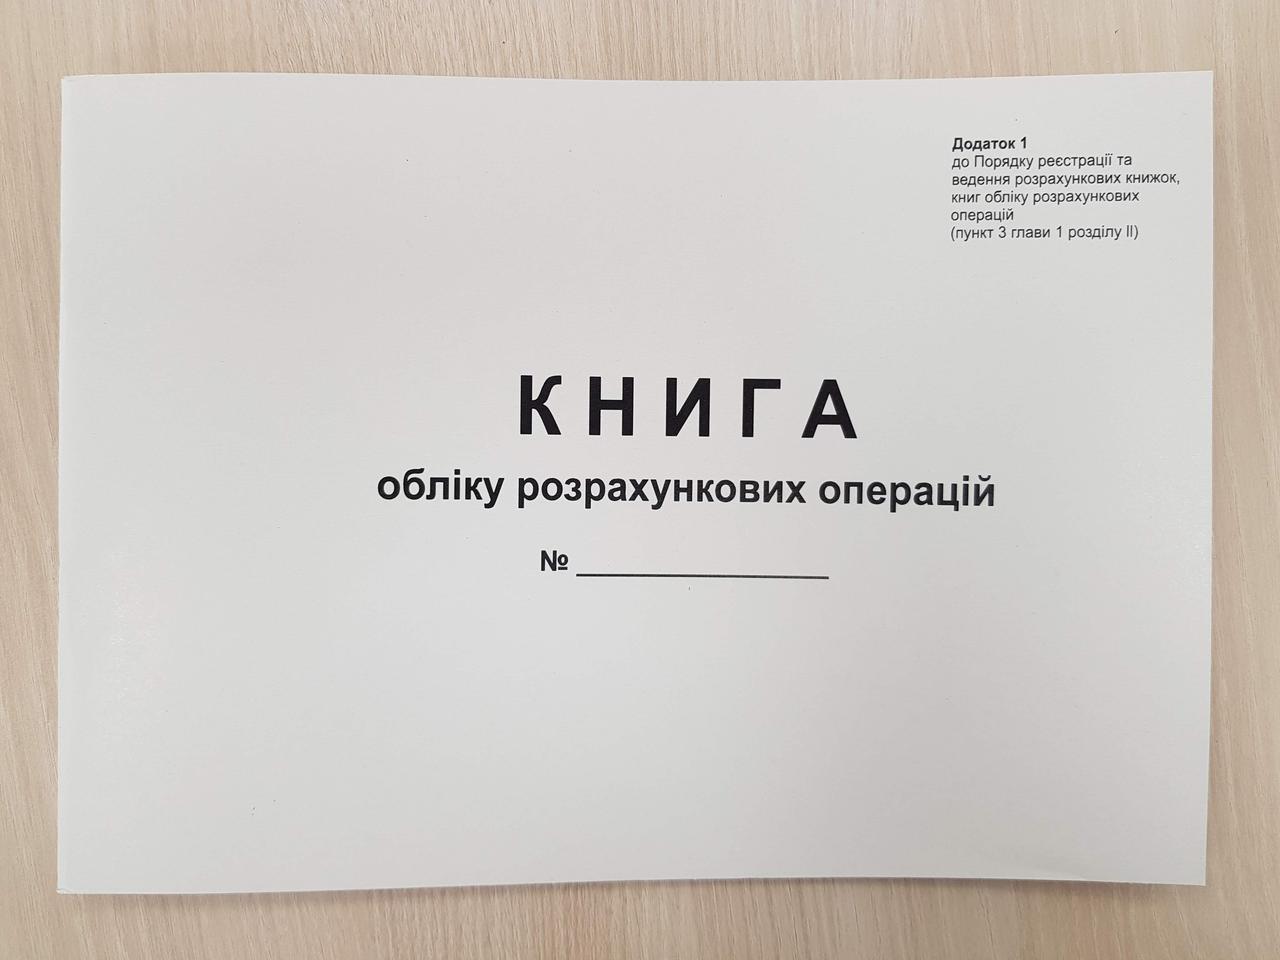 Книга обліку розрахункових операцій додаток 1,  А4, альбомная, офсет